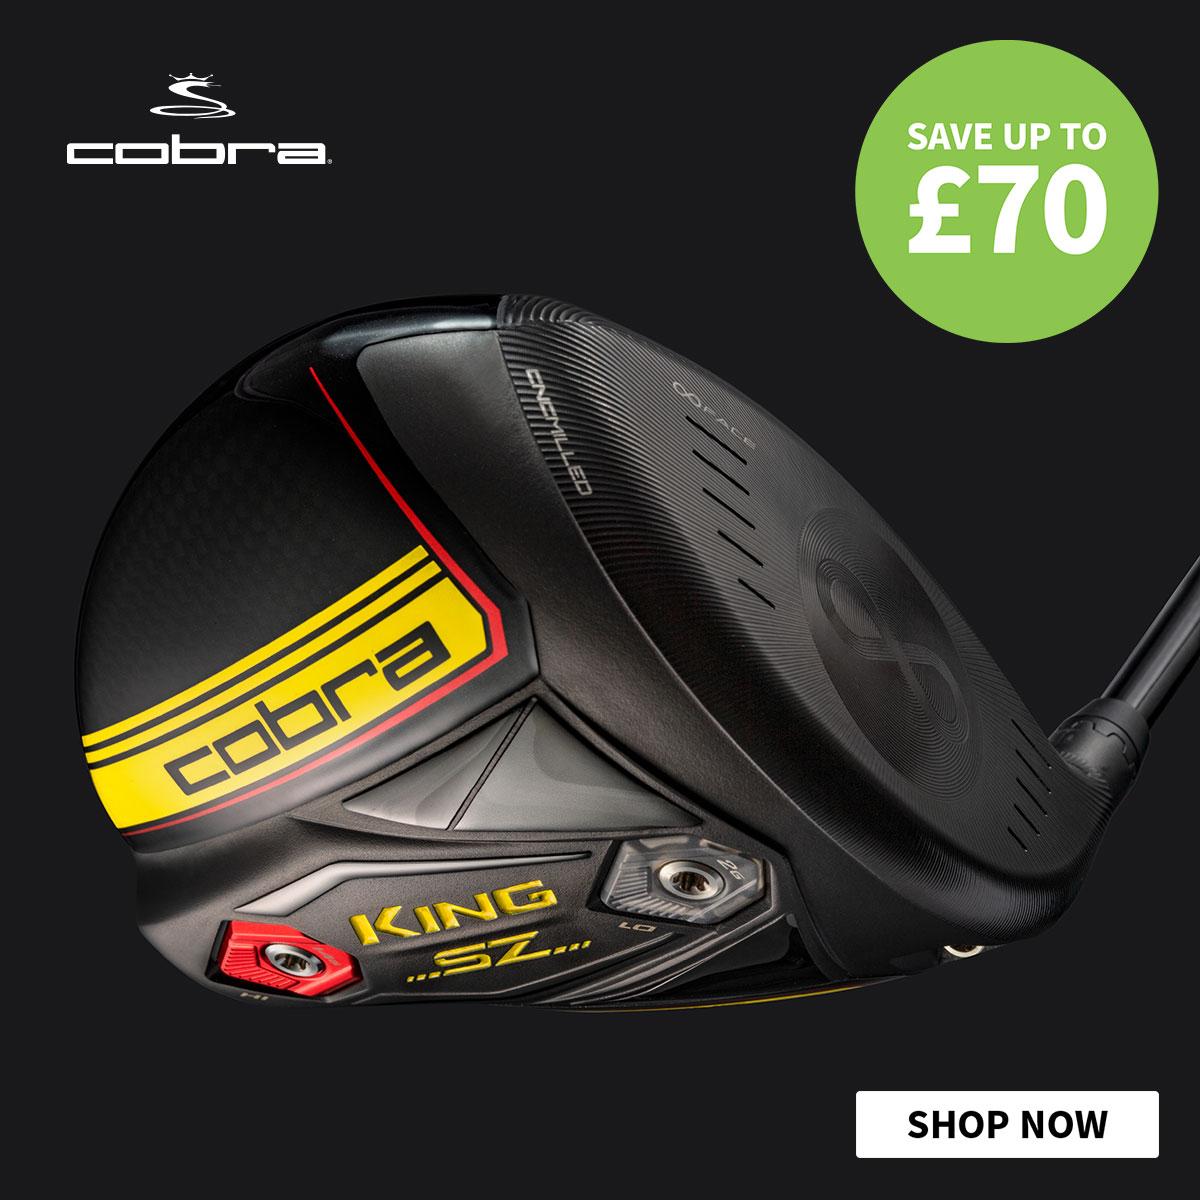 Cobra Speedzone Up To £50